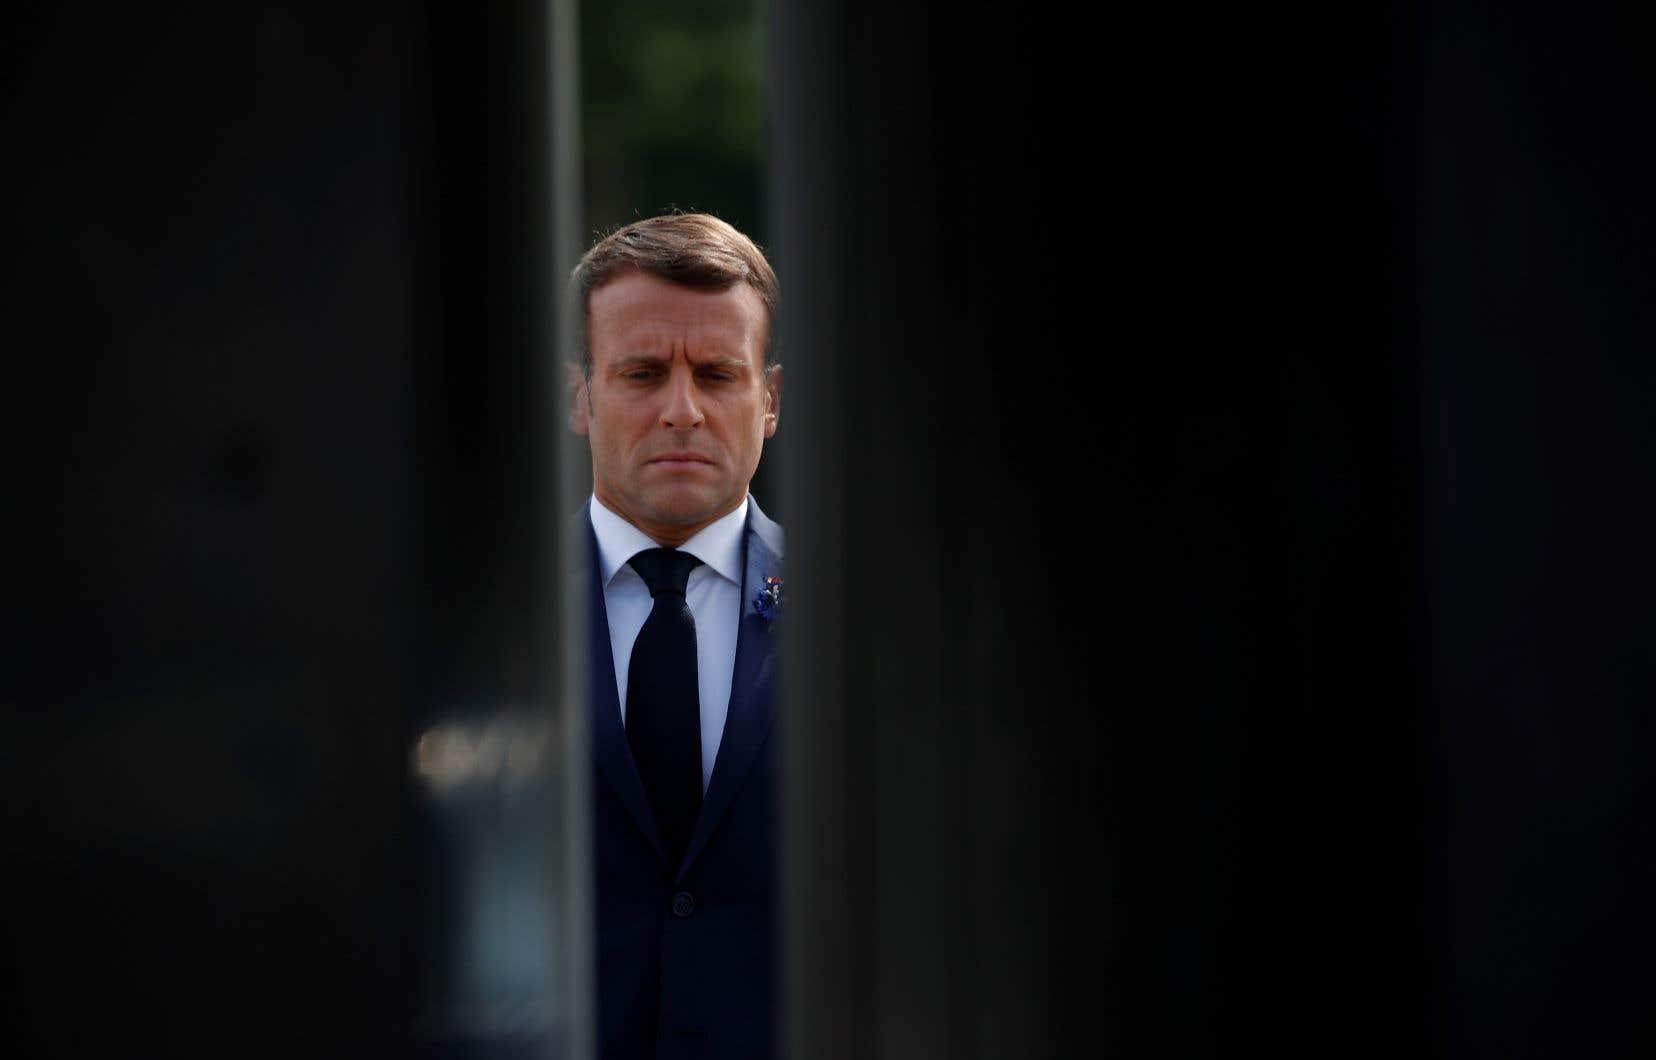 À deux ans de la prochaine élection, Emmanuel Macron espère «se réinventer» afin de ne pas être le président d'un seul mandat, comme ses prédécesseurs Nicolas Sarkozy et François Hollande.